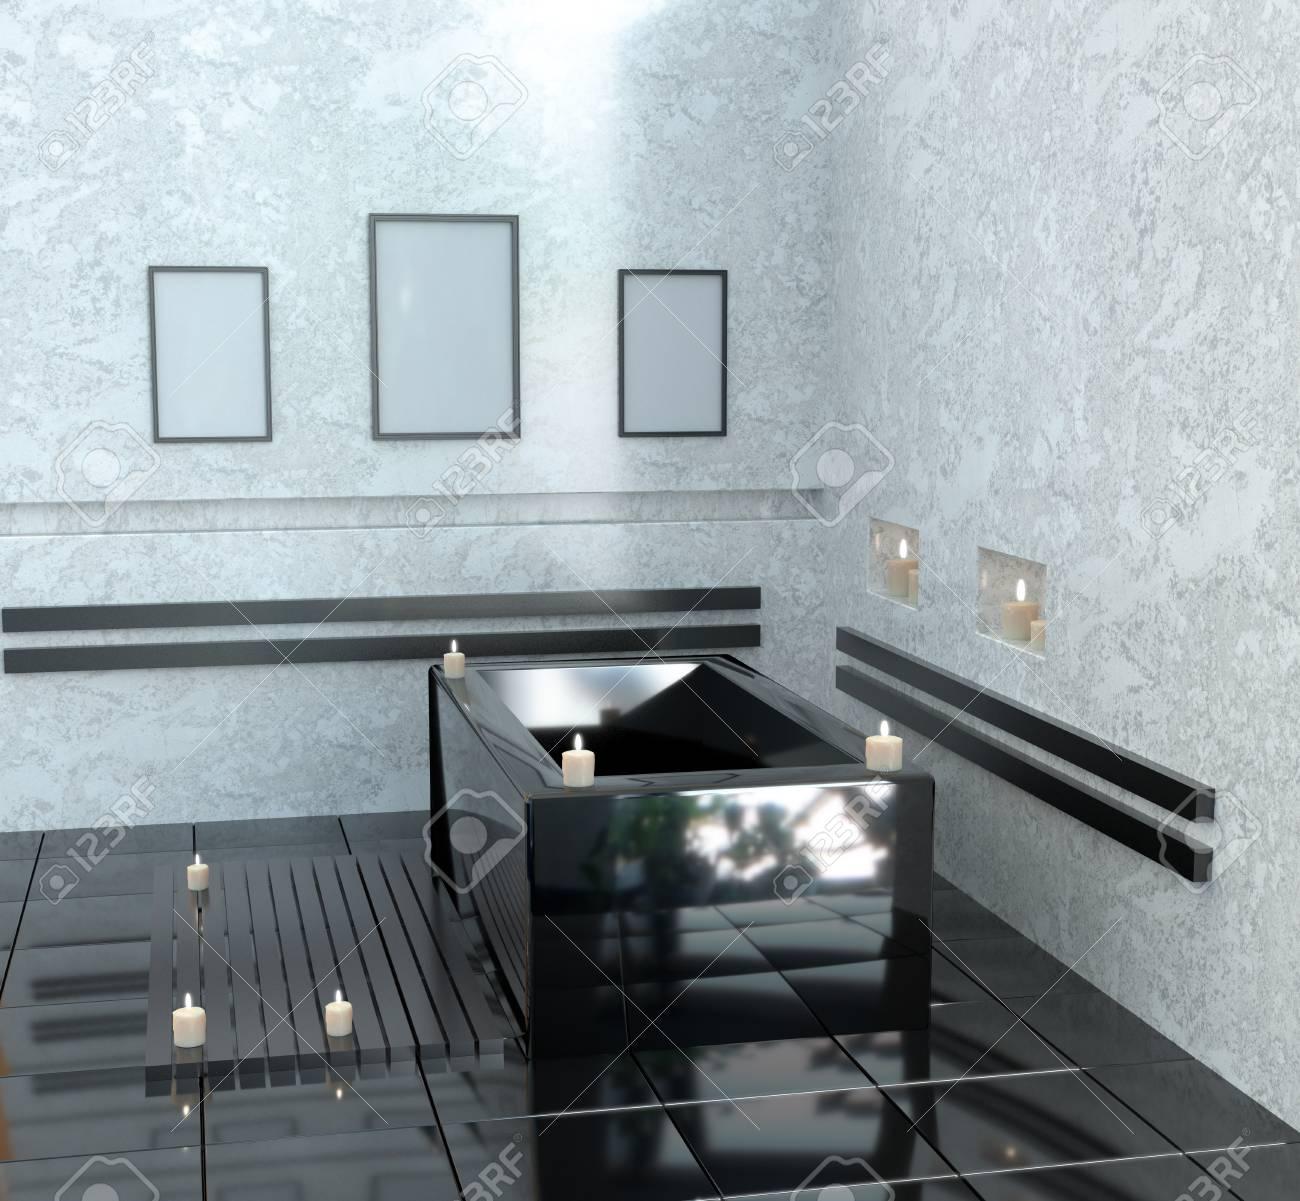 Salle De Bains Moderne Avec Bain En Céramique Avec Des Inscriptions ...